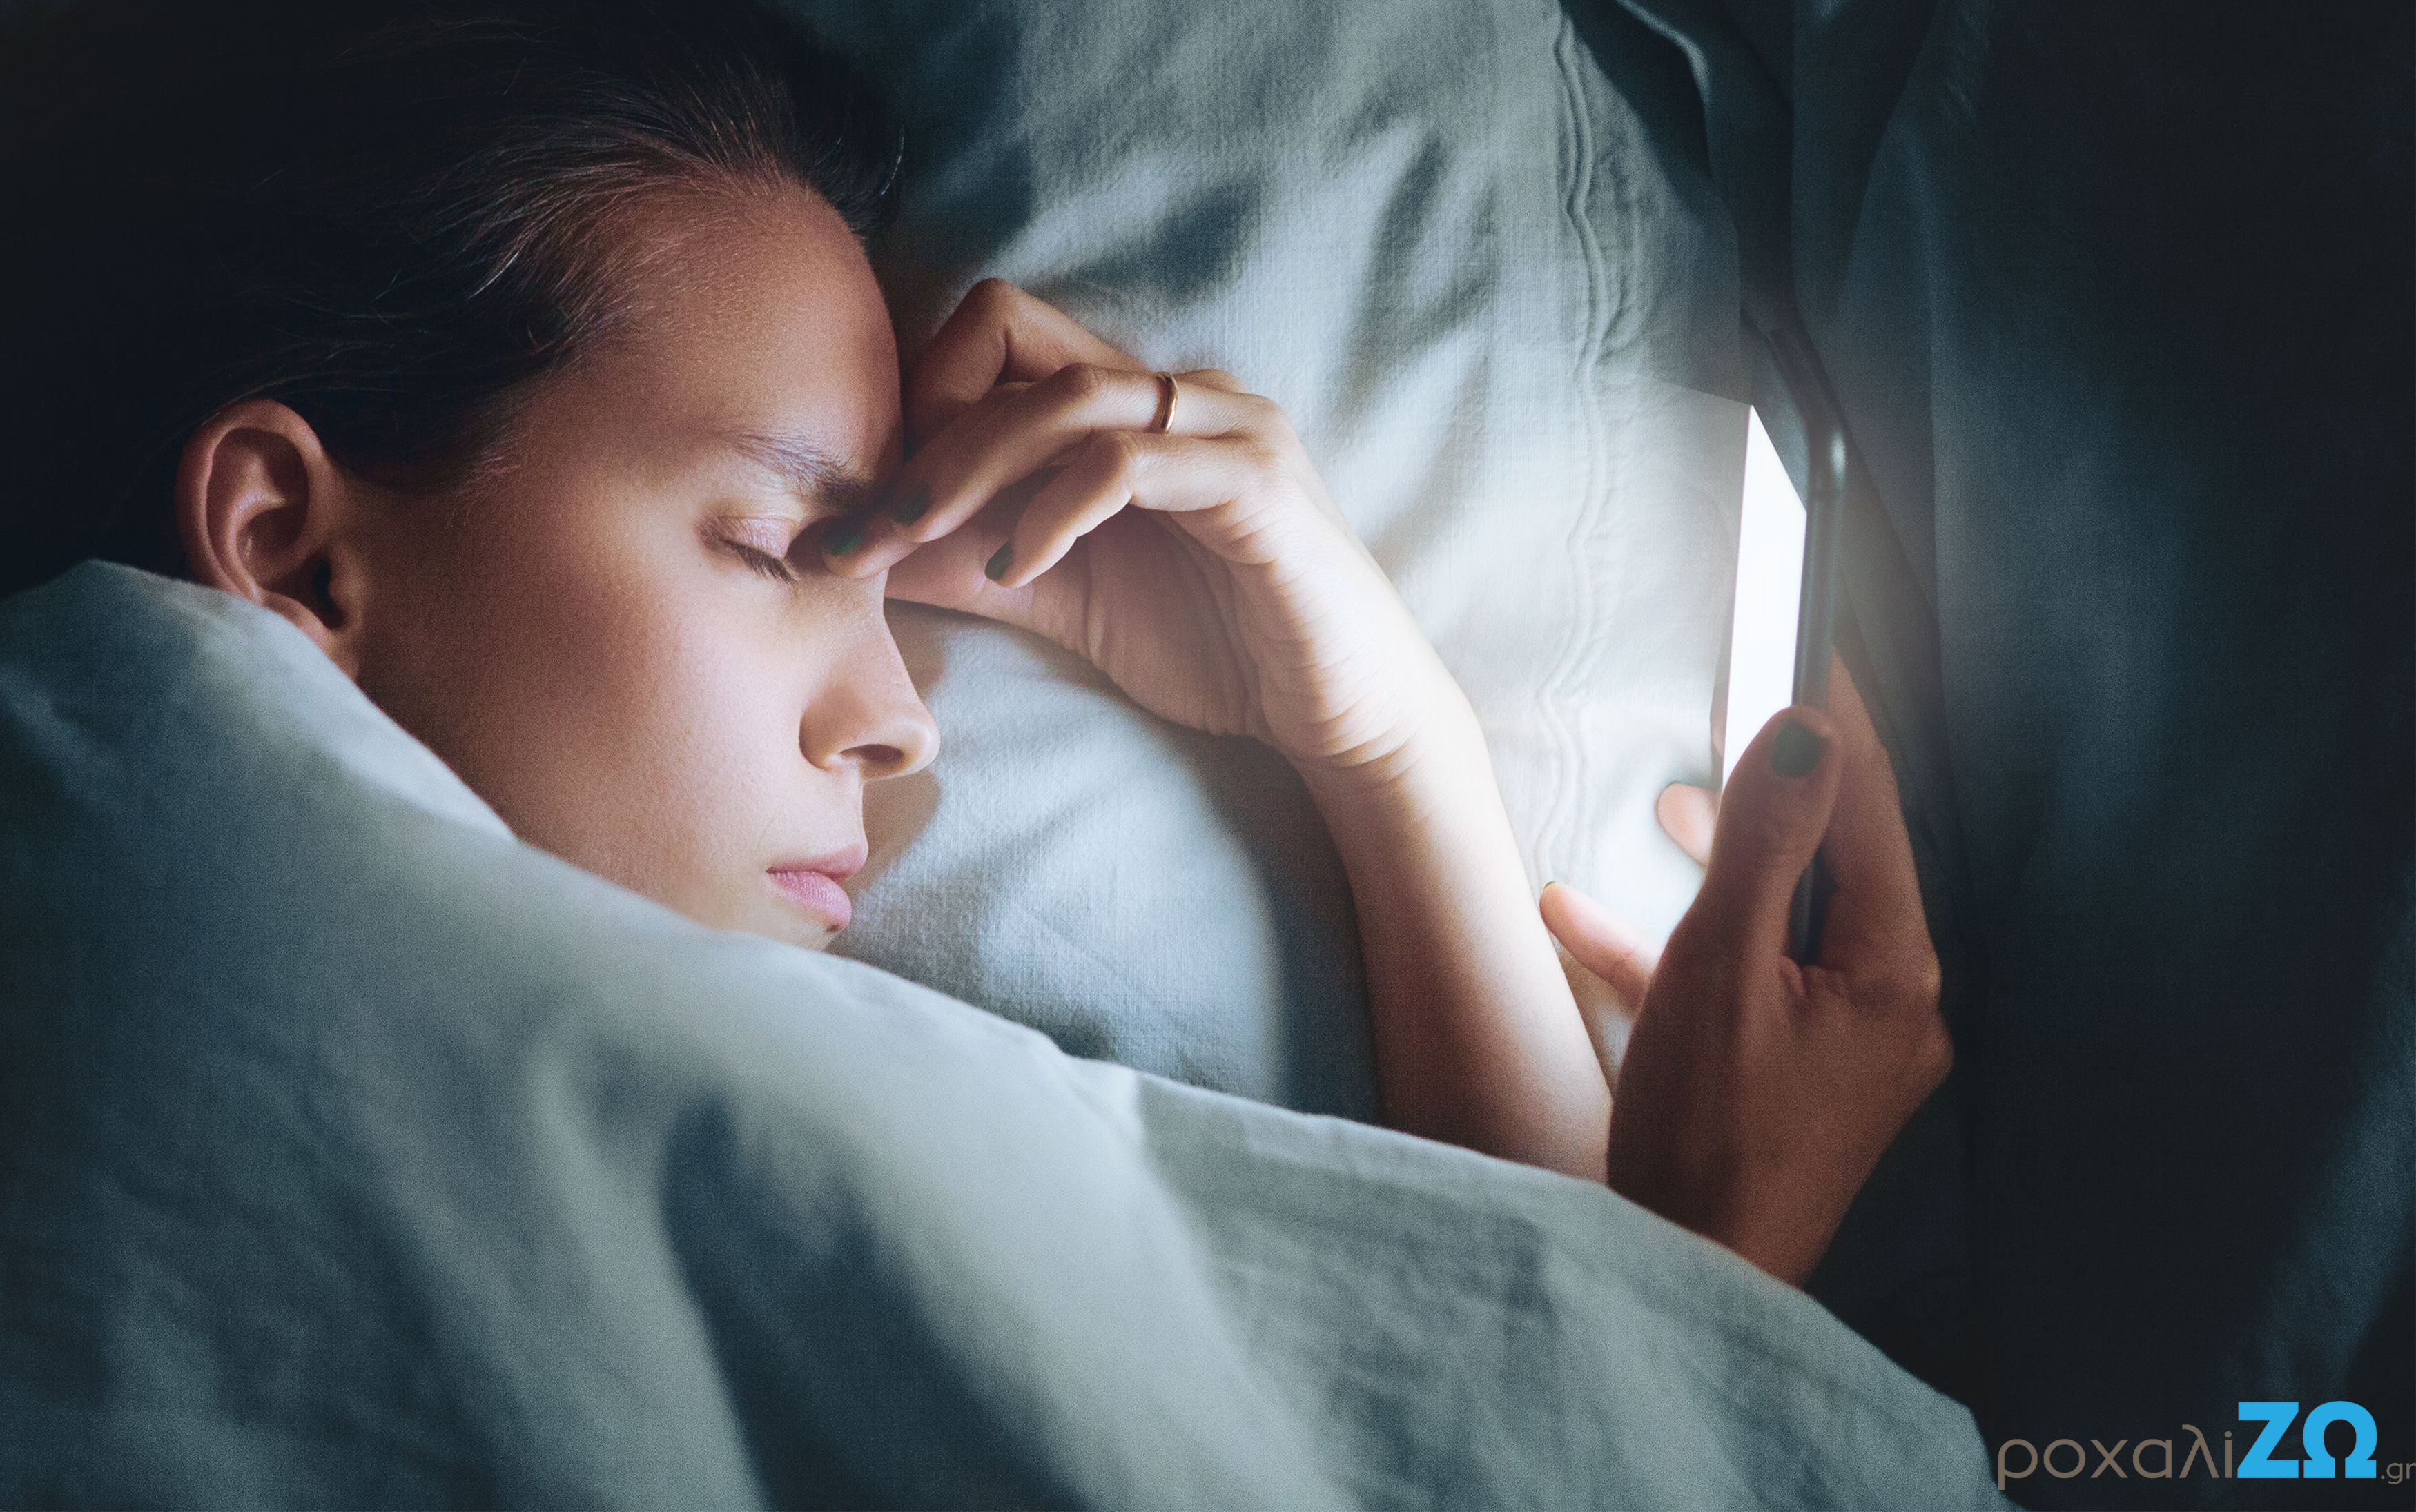 Έκθεση σε τεχνητό φως κατά το νυχτερινό ύπνο και αύξηση του βάρους στις γυναίκες